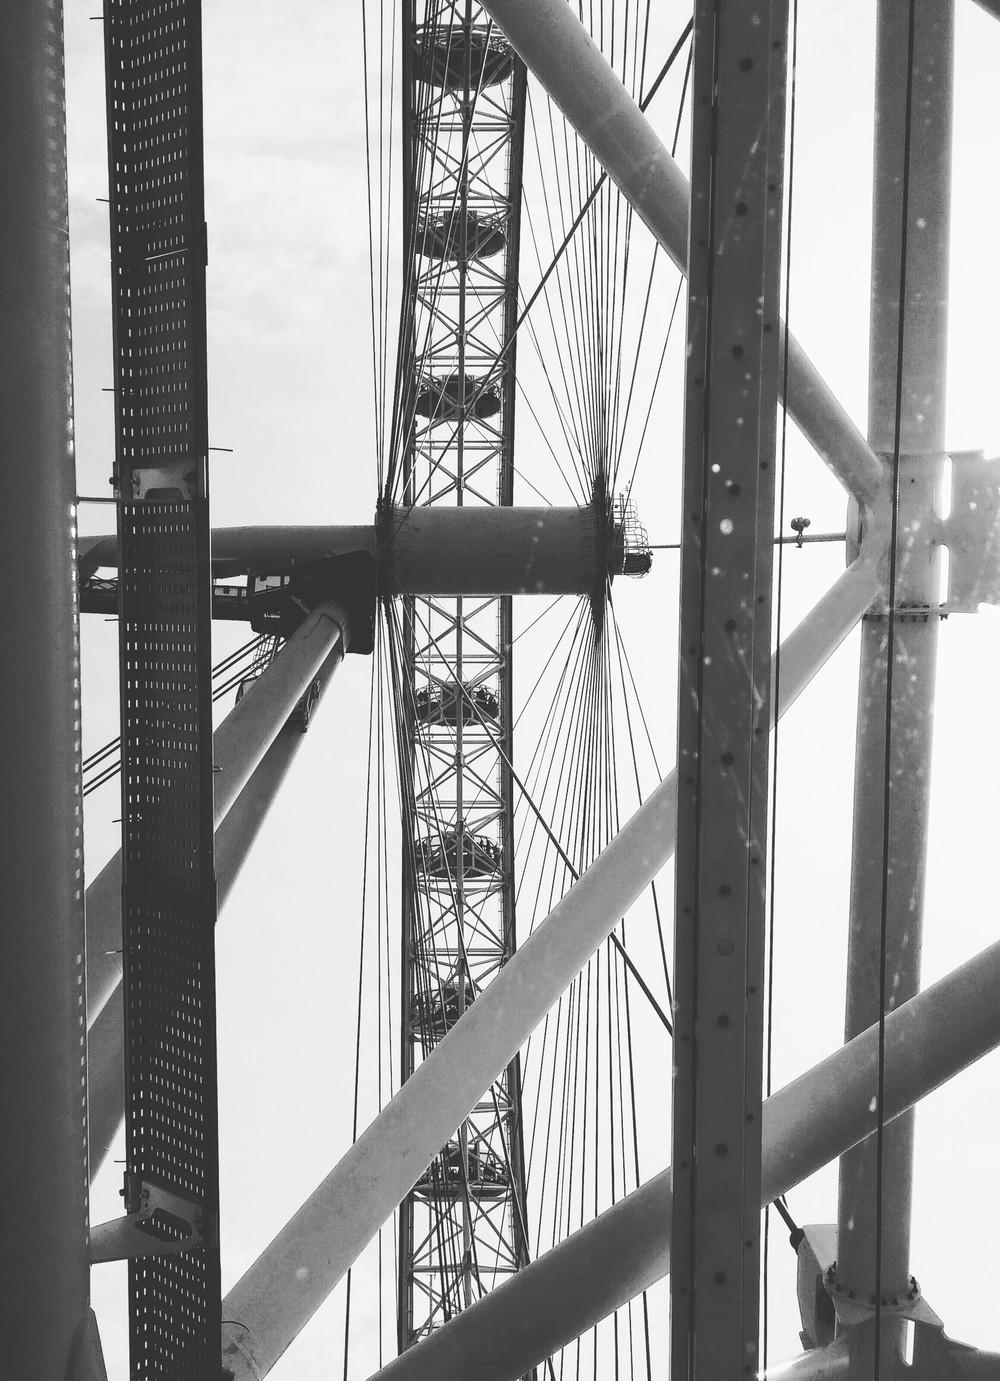 Through the London Eye